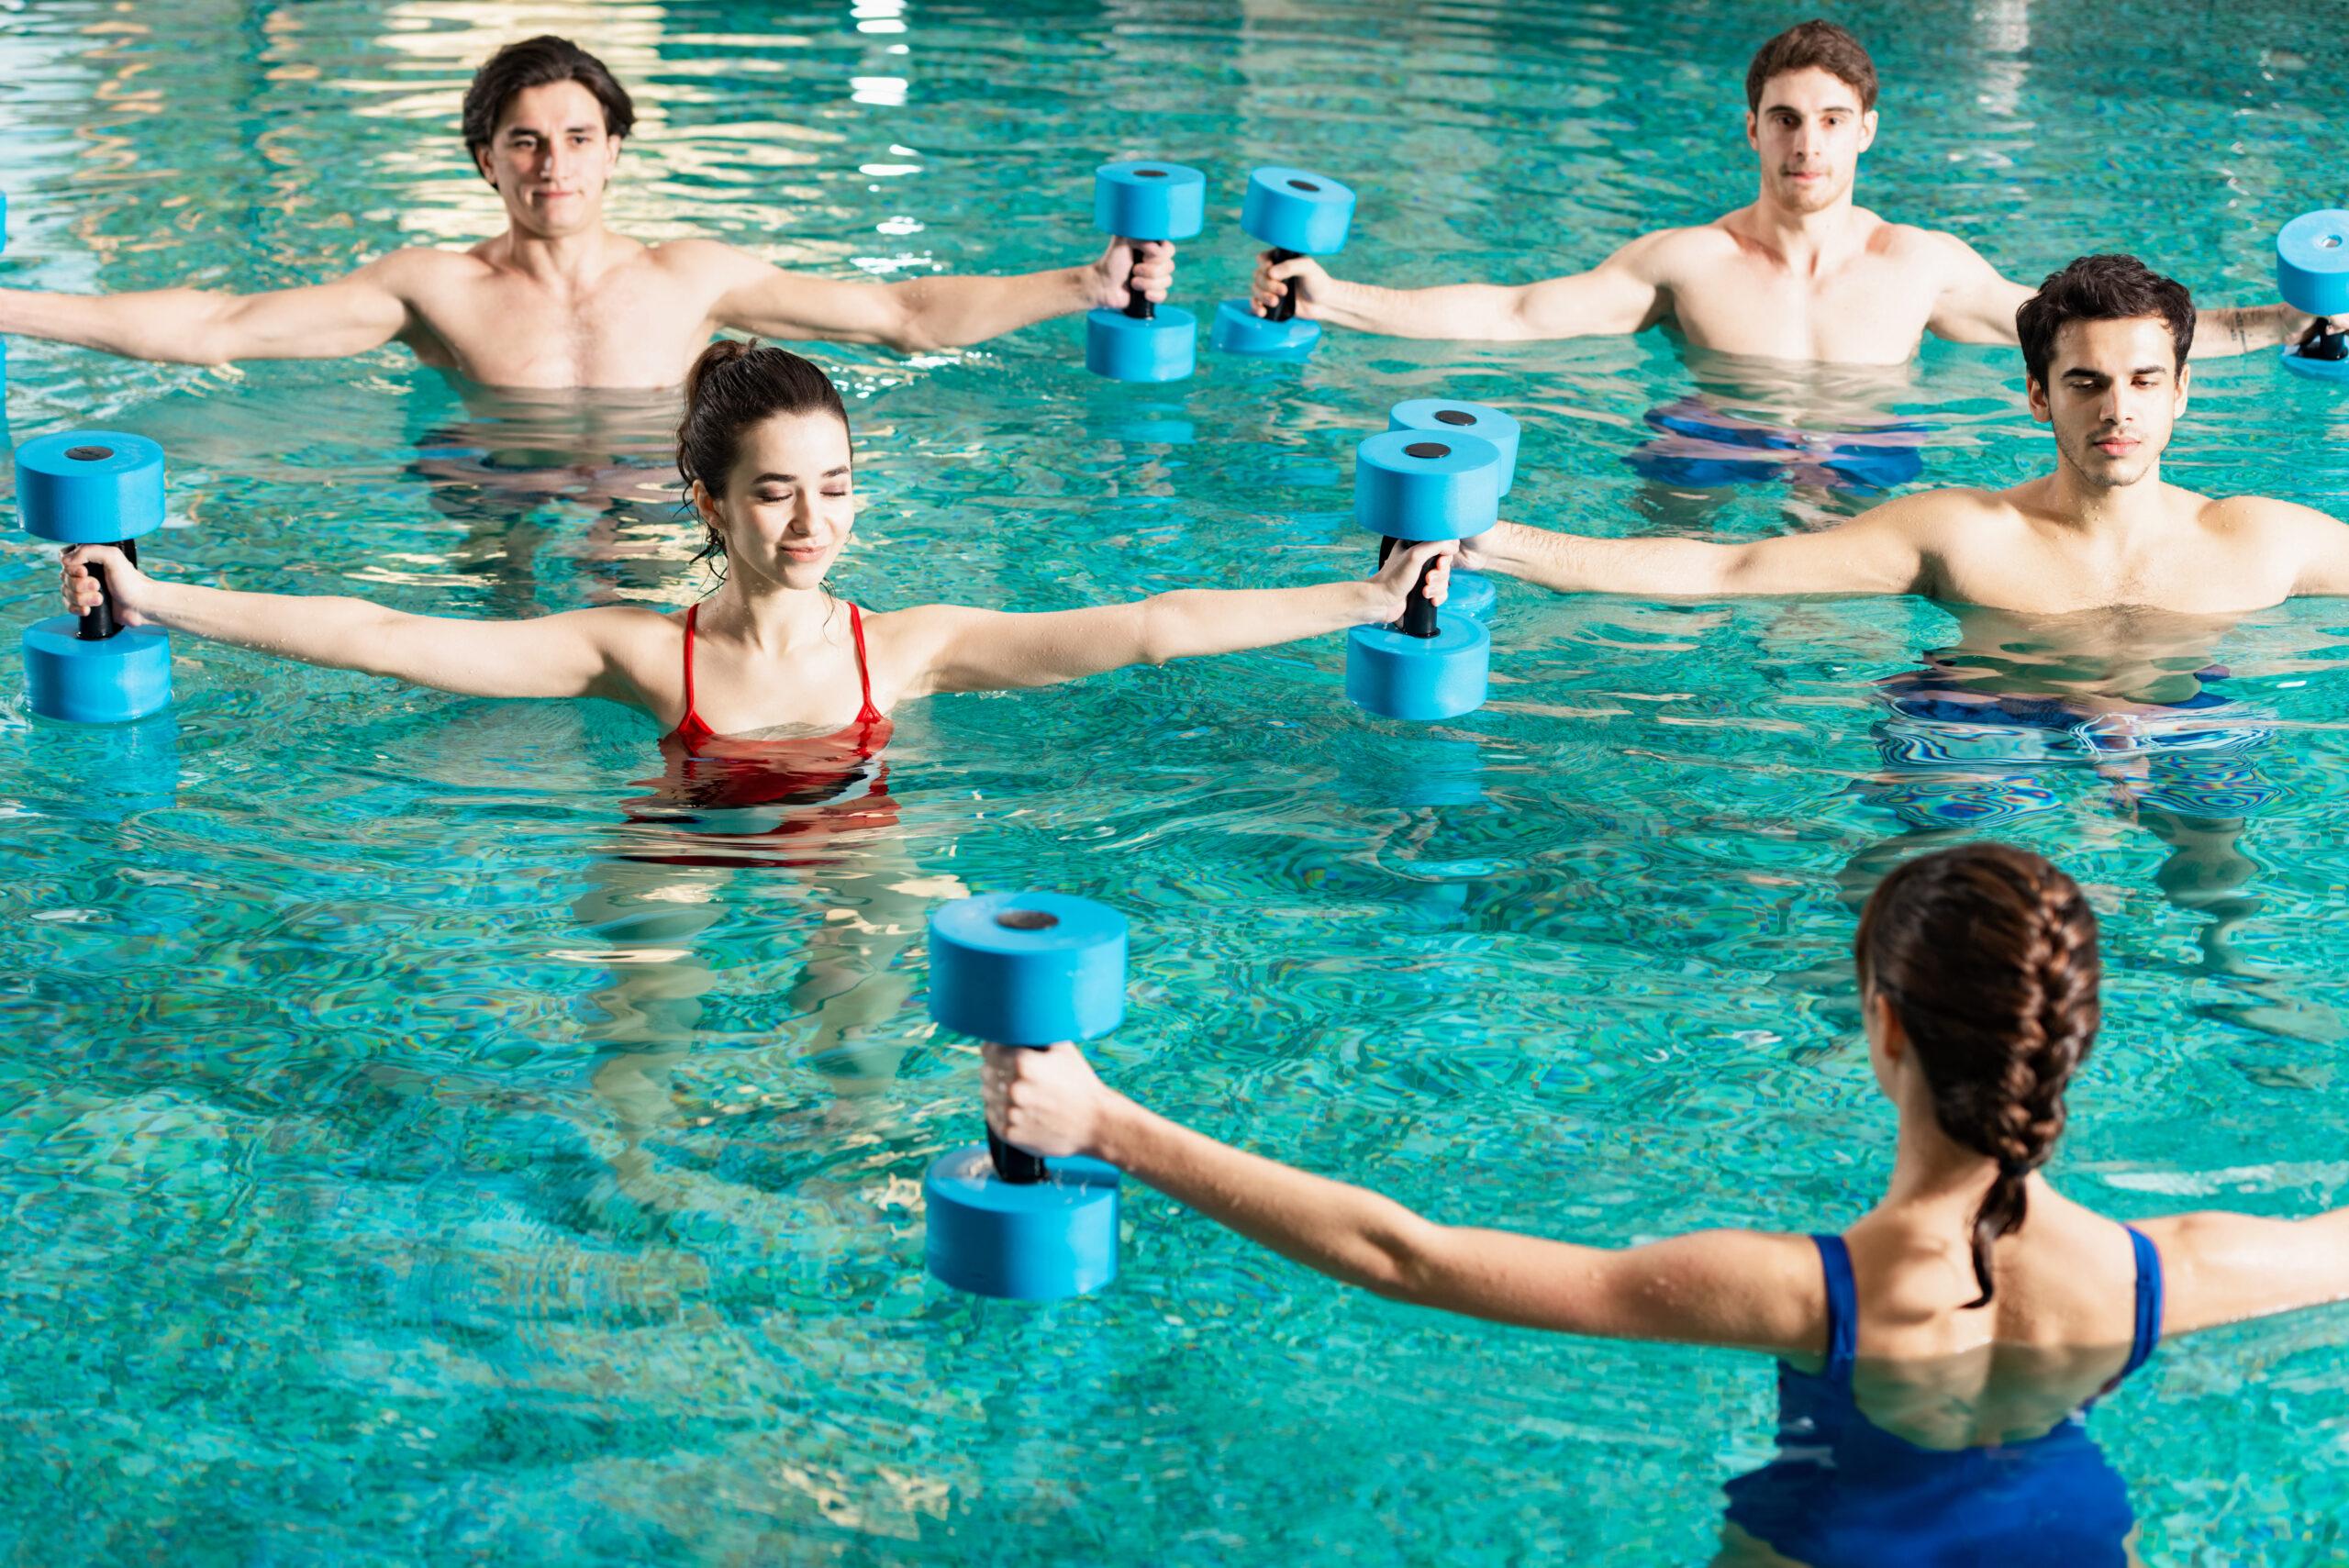 Aquafit class in a pool